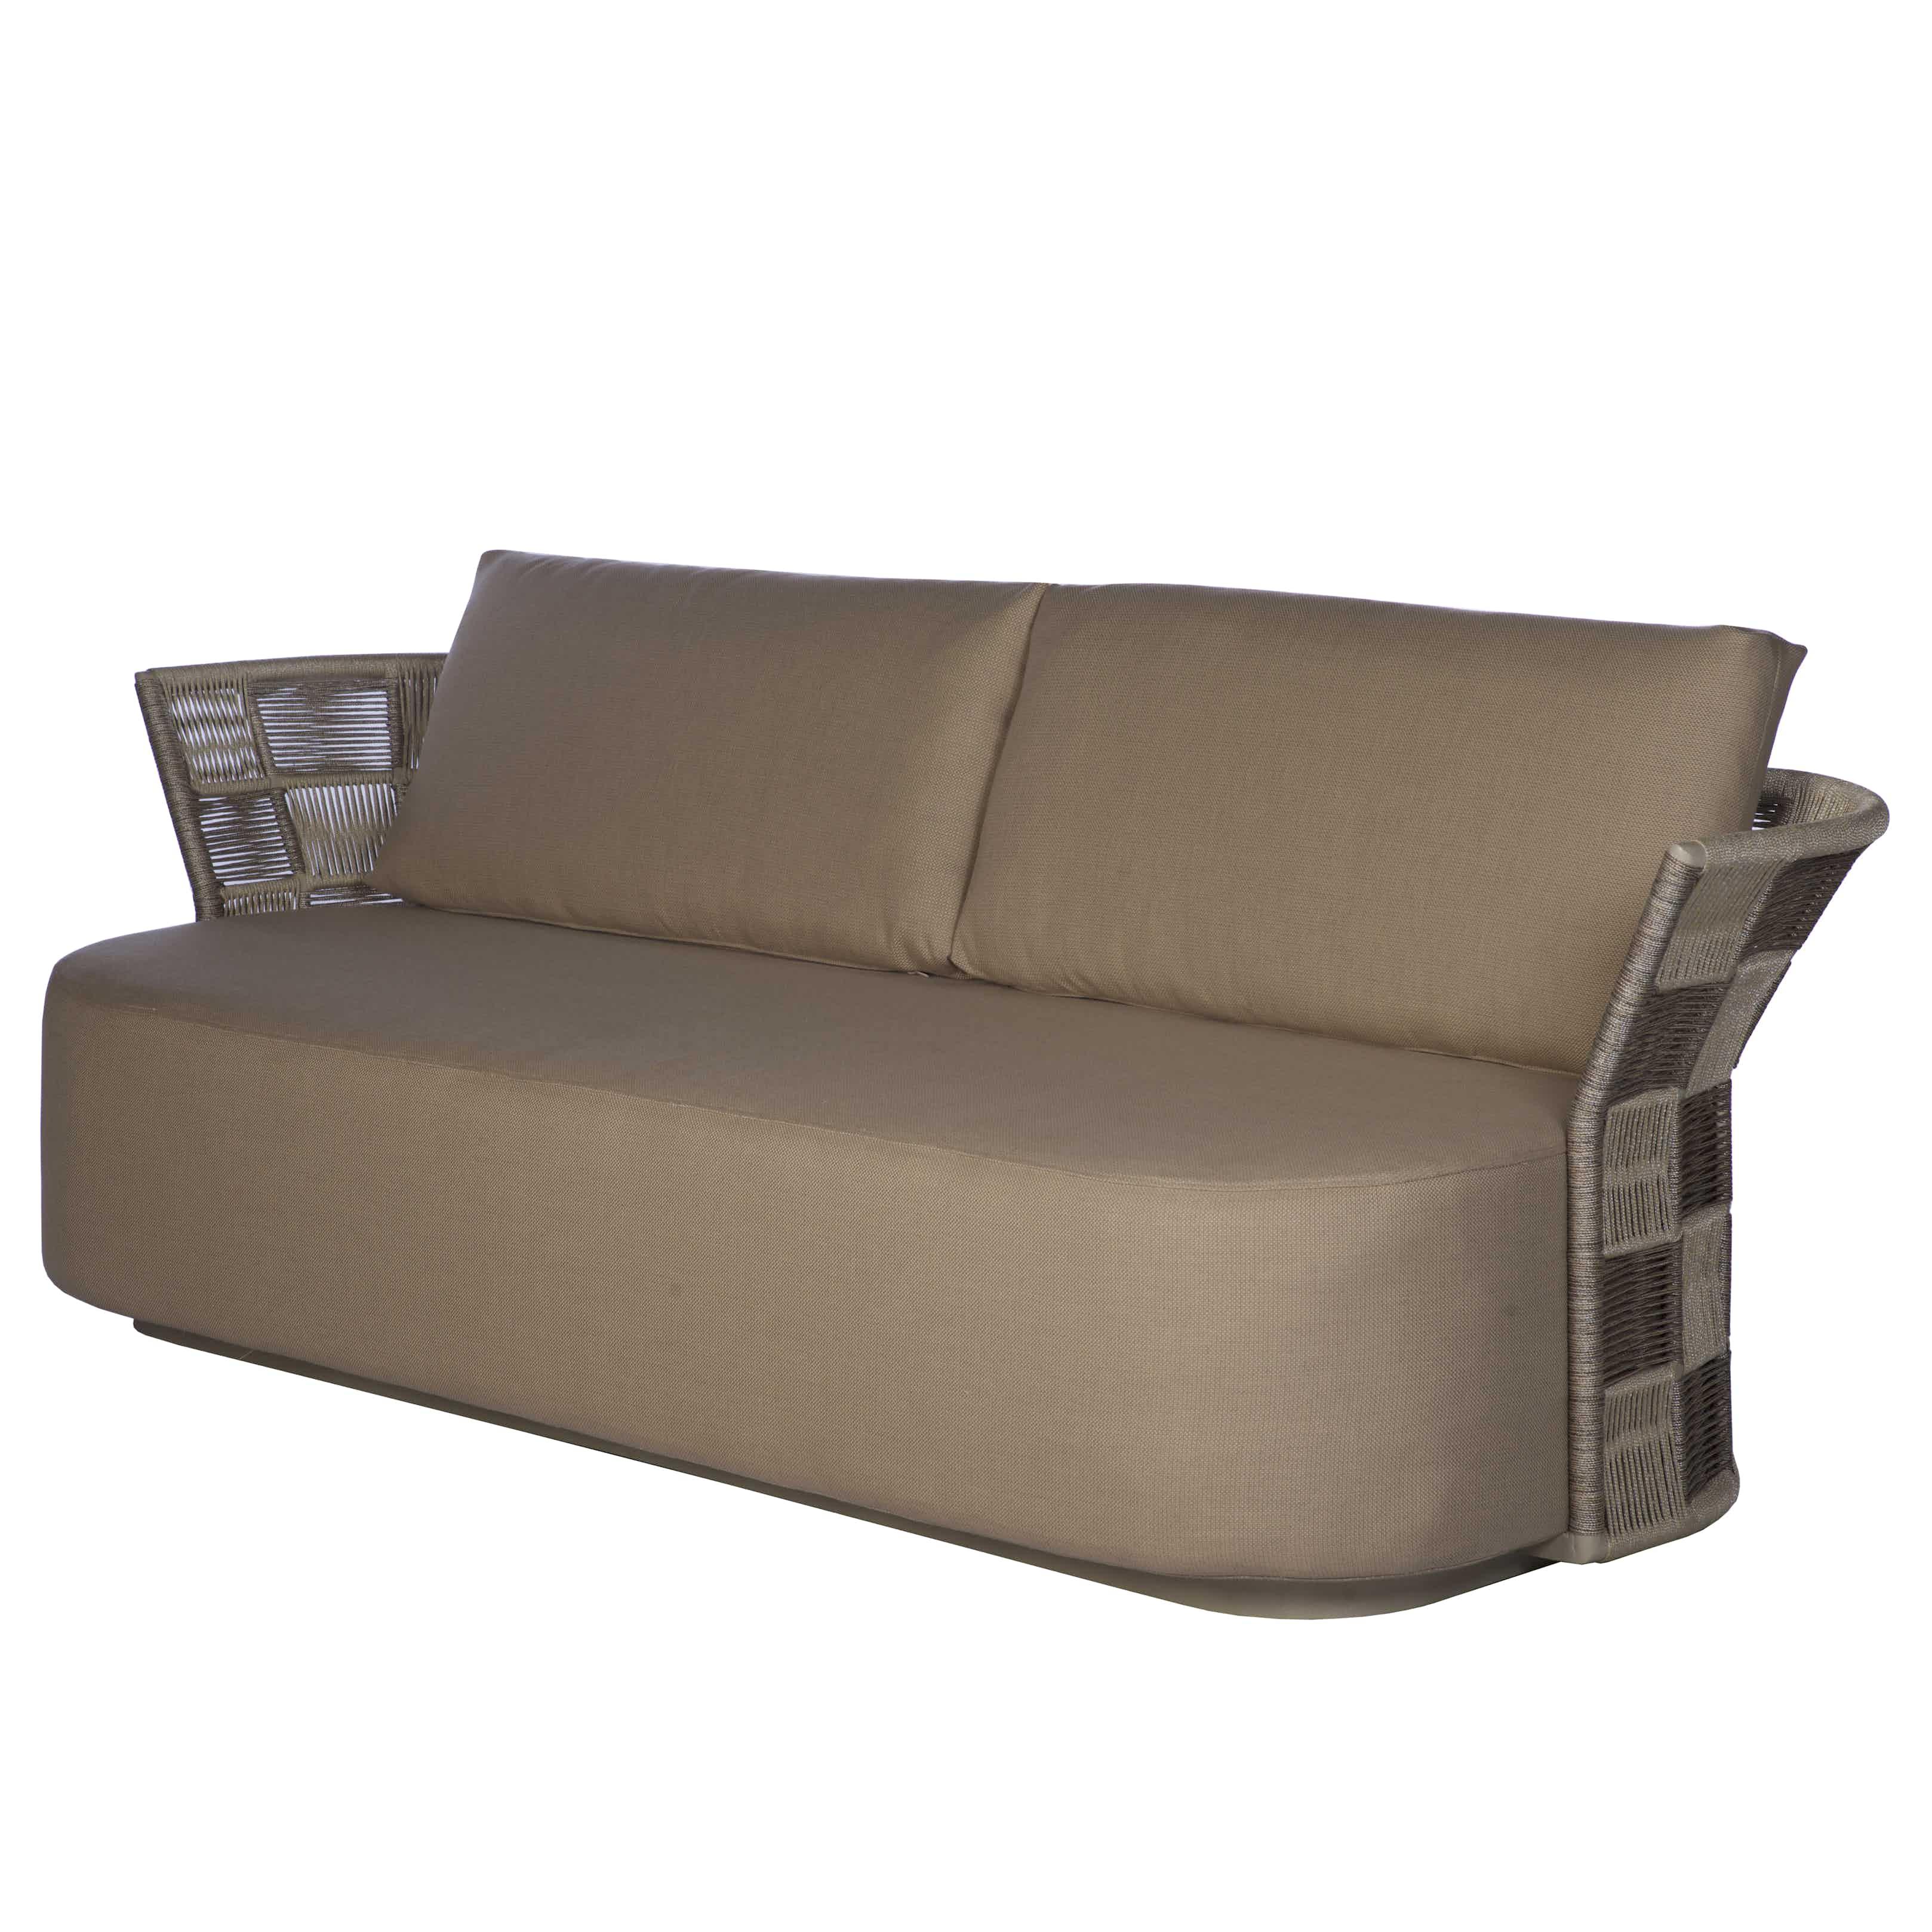 Tidelli sedona sofa thumbnail haute living